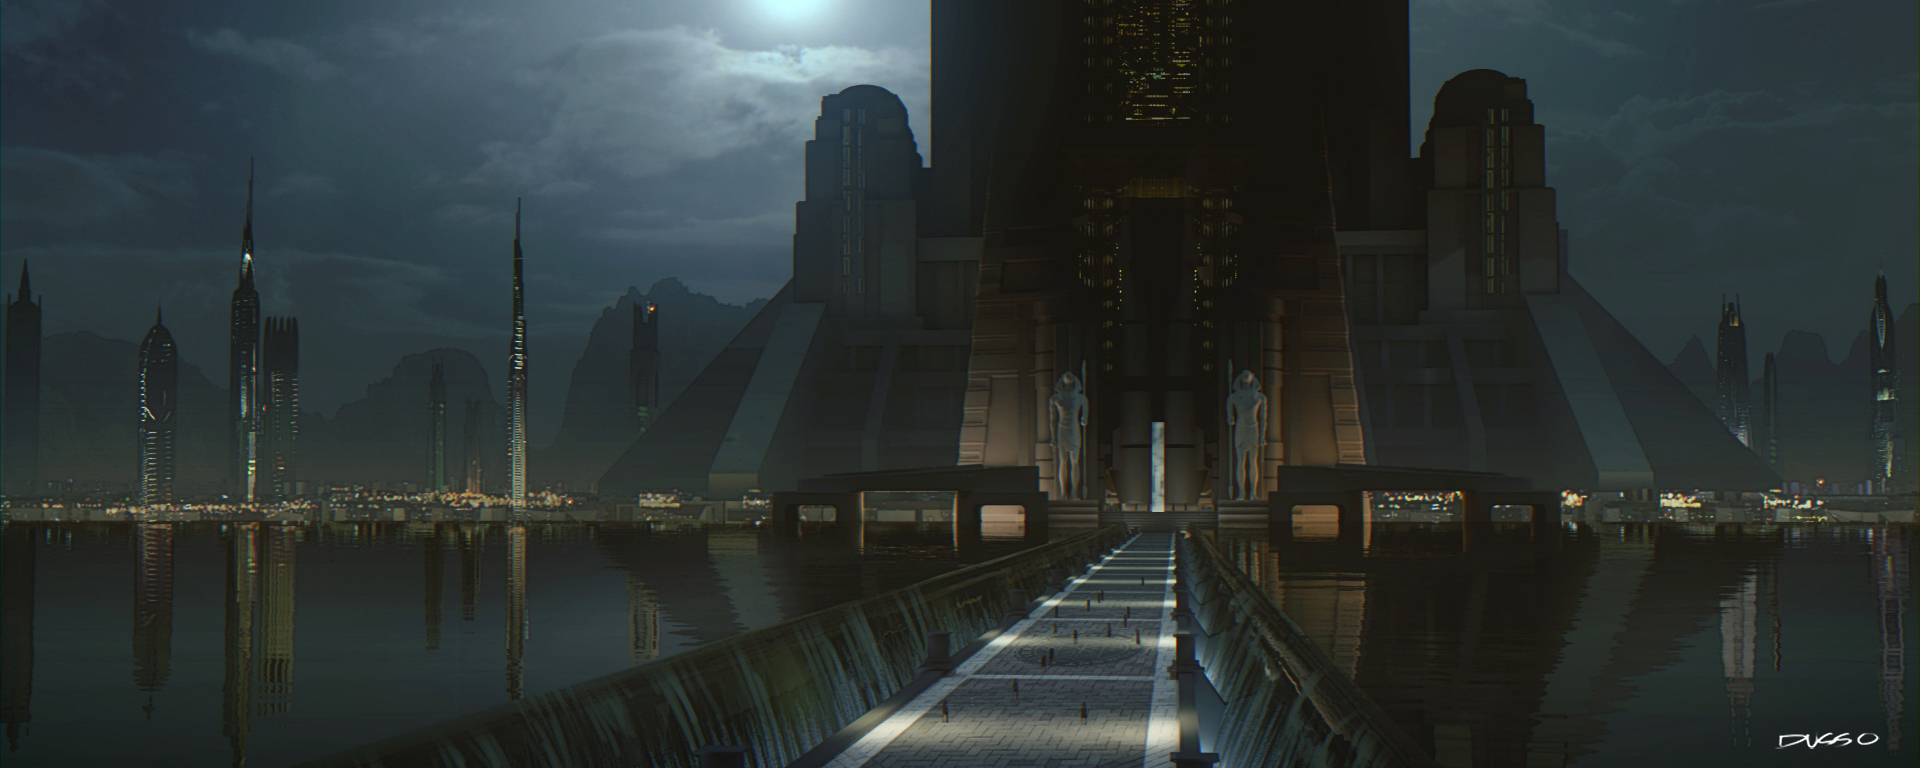 concept-art-dusseault-star-wars-republic-city